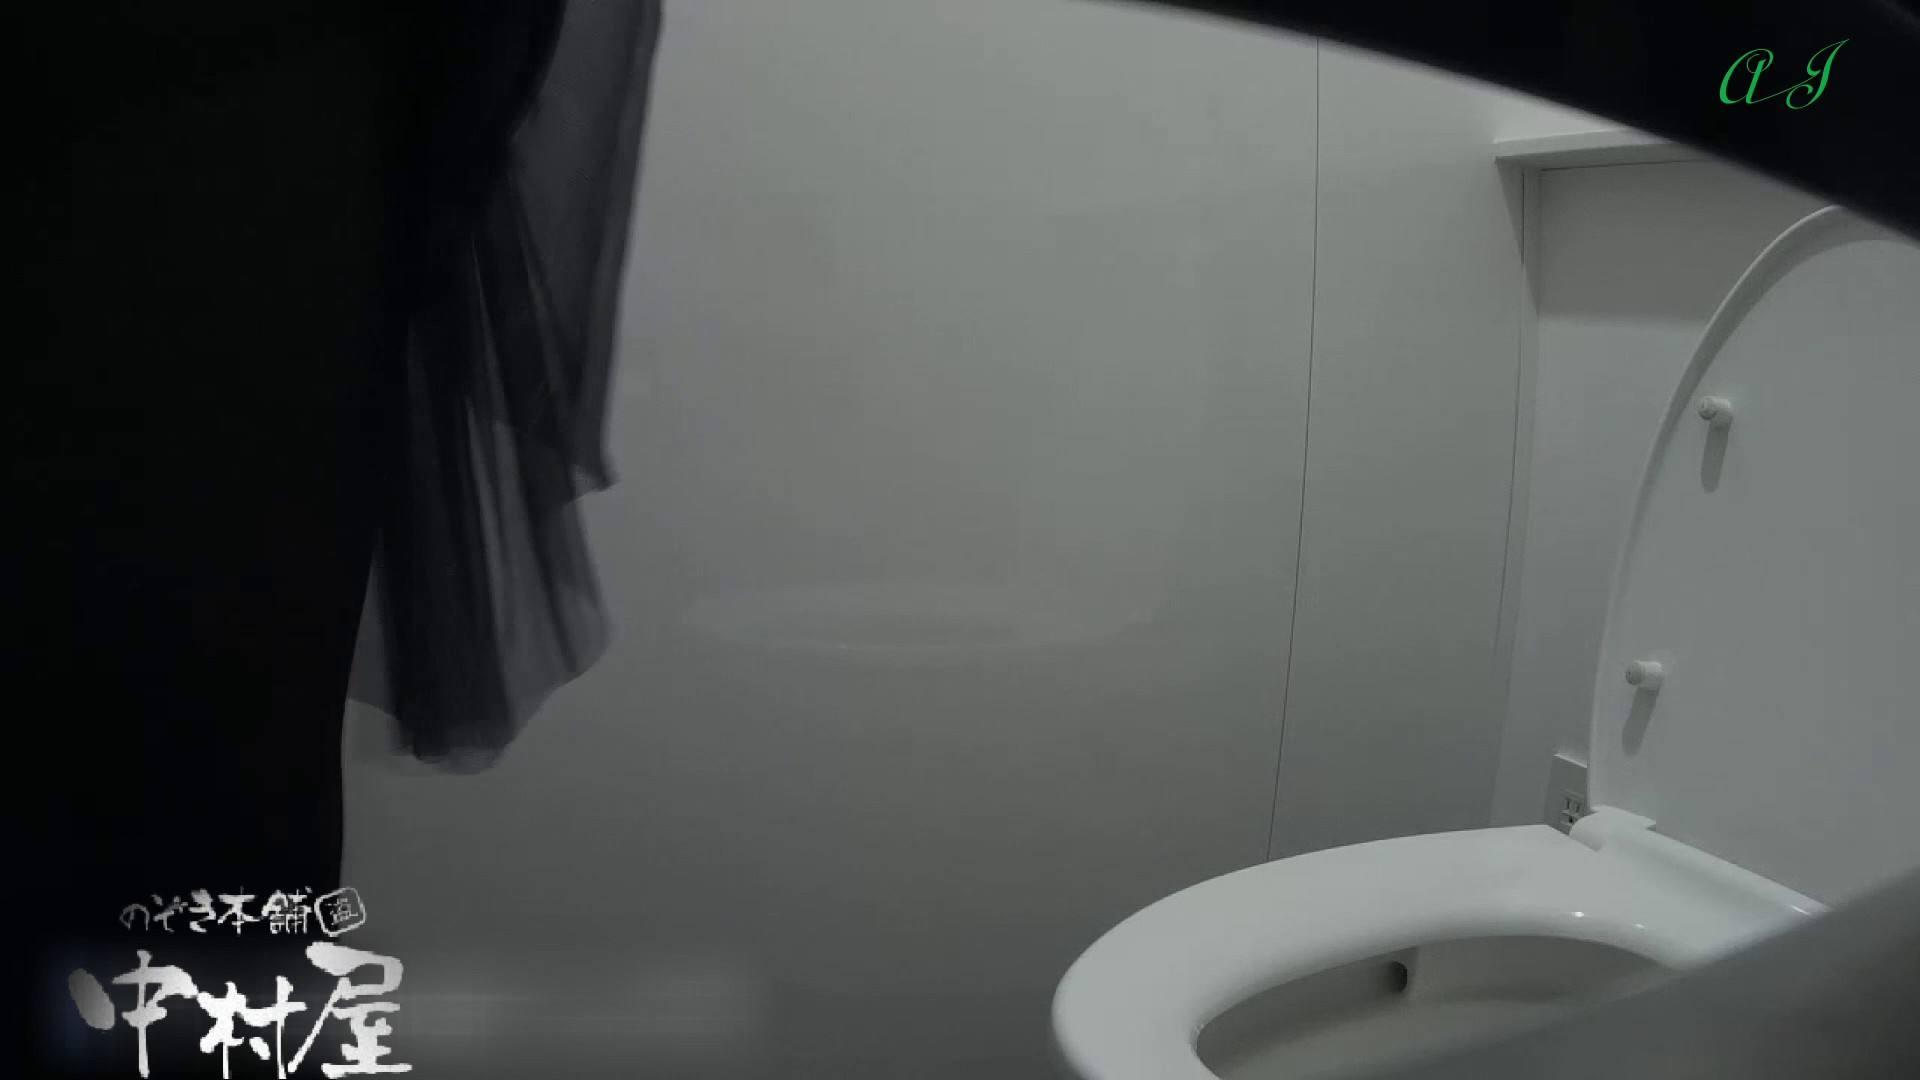 新アングル 4名の美女達 有名大学女性洗面所 vol.76後編 潜入シリーズ   HなOL  62pic 10